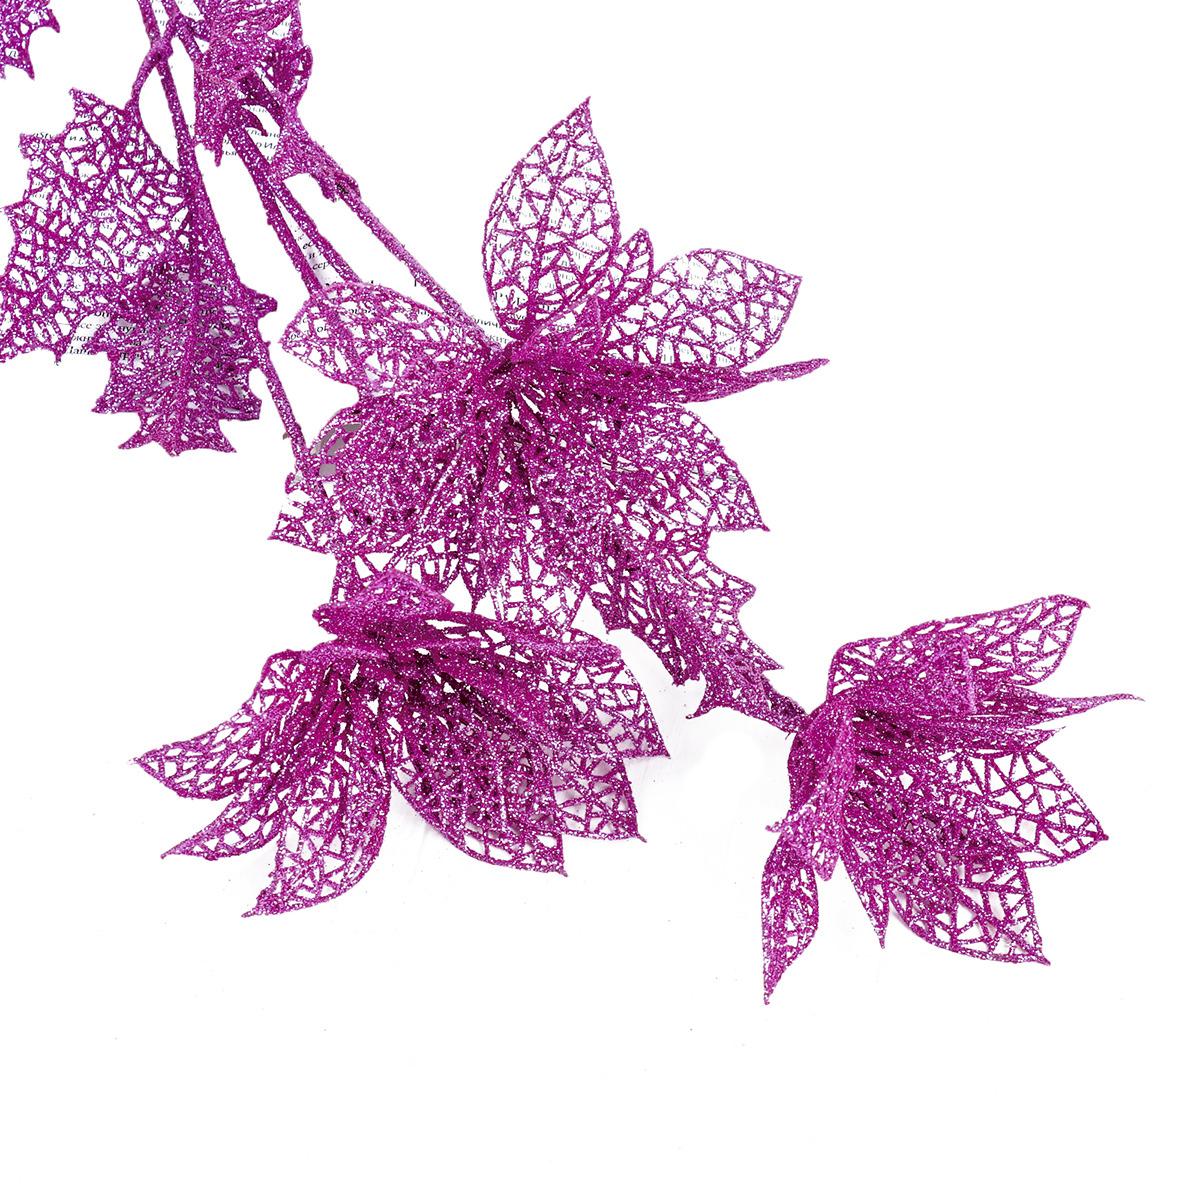 Искусственные цветы Букет резных цветов, 1382036, розовый, 75 см